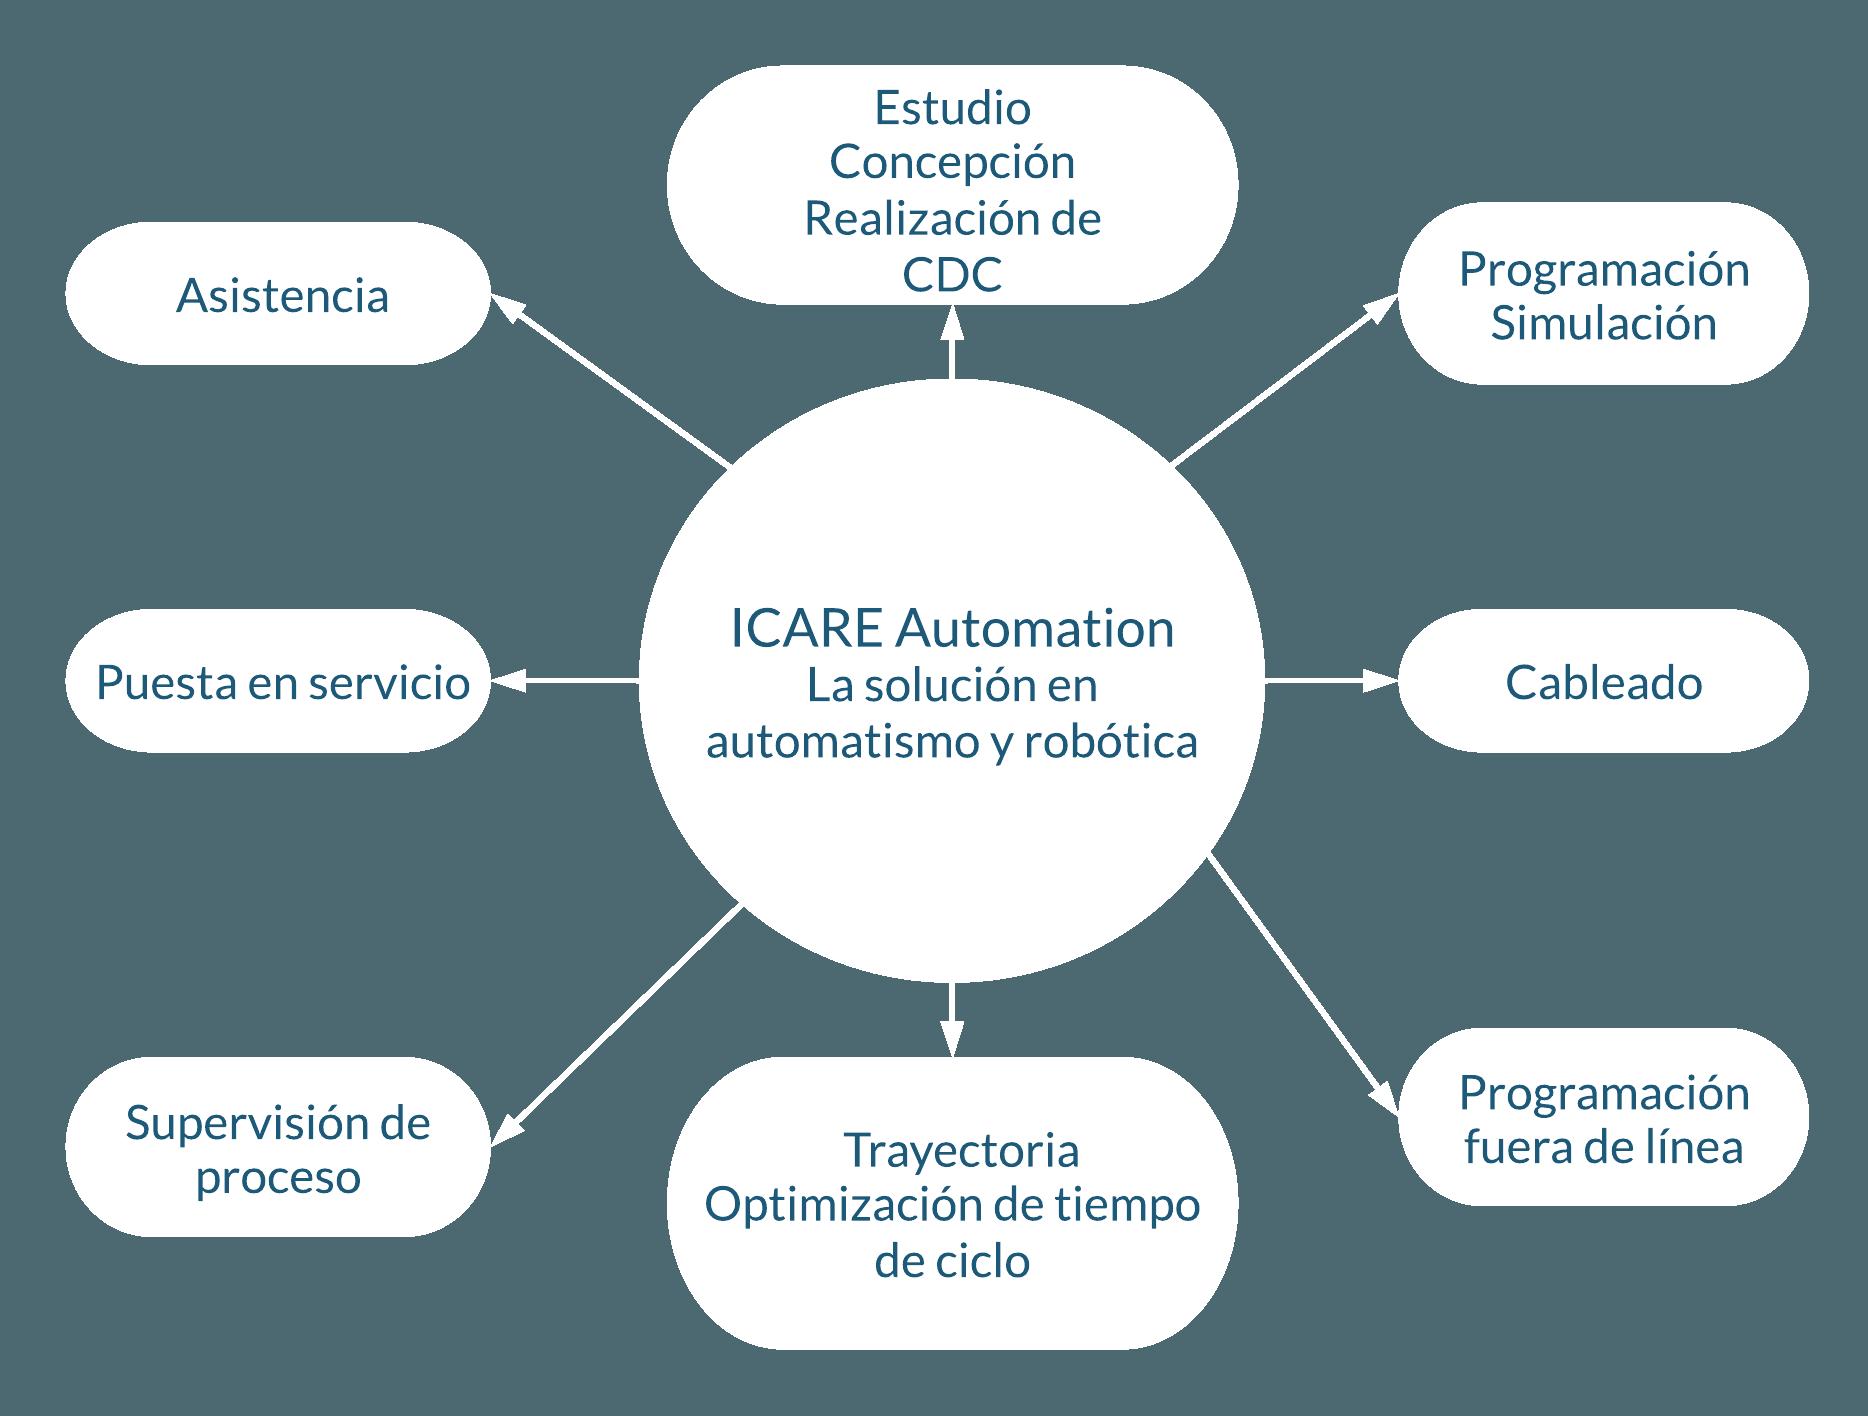 ICARE Automation La solución en automatismo y robótica Asistencia Estudio Concepción Realización de CDC Programación Simulación Cableado Programación fuera de línea Trayectoria Optimización de tiempo de ciclo Supervisión de proceso Puesta en servicio